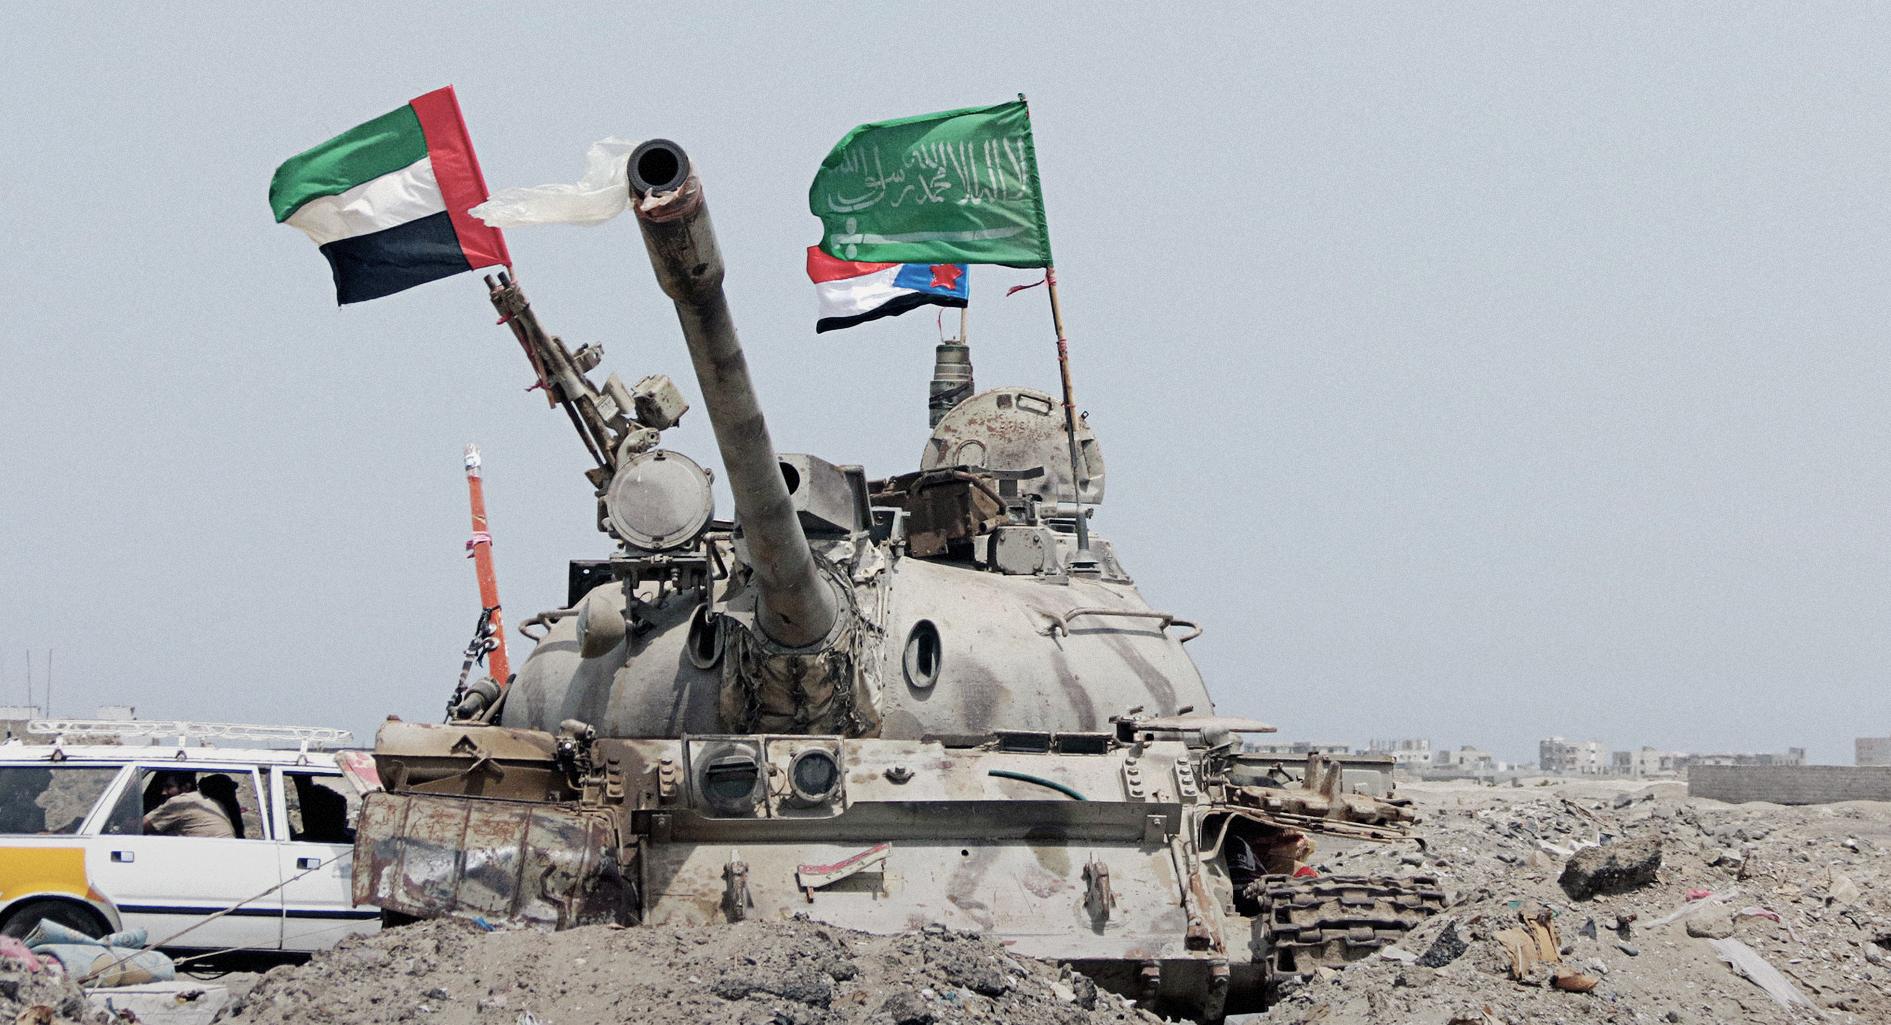 صورة اتفاق مصالحة بين الإمارات والسعودية يحيي آمال عودة الحرب في اليمن إلى طبيعتها